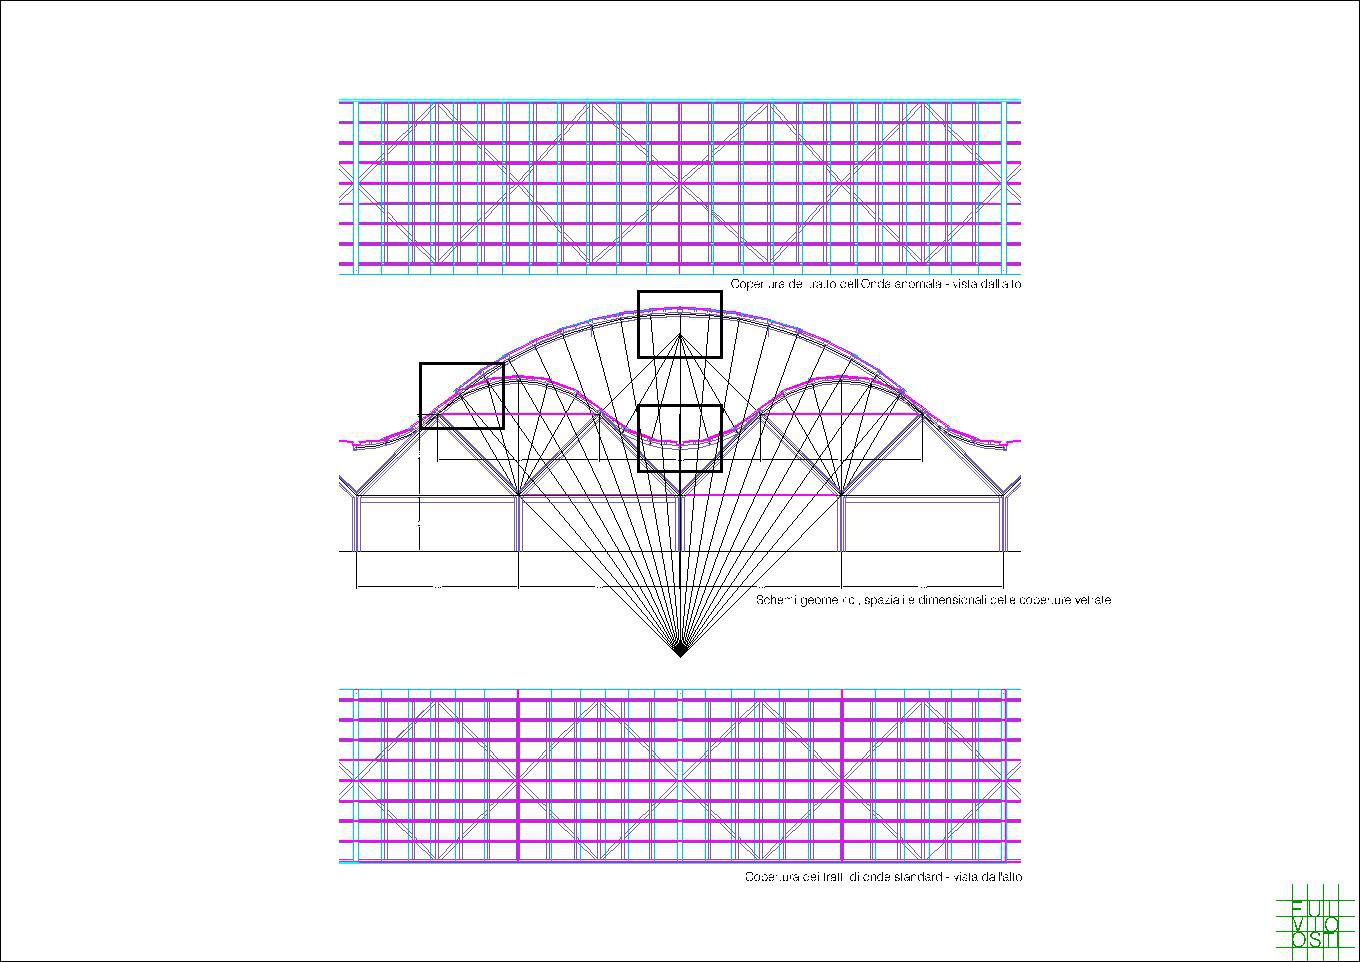 40-bis-schemi-geometrici-delle-vetrate